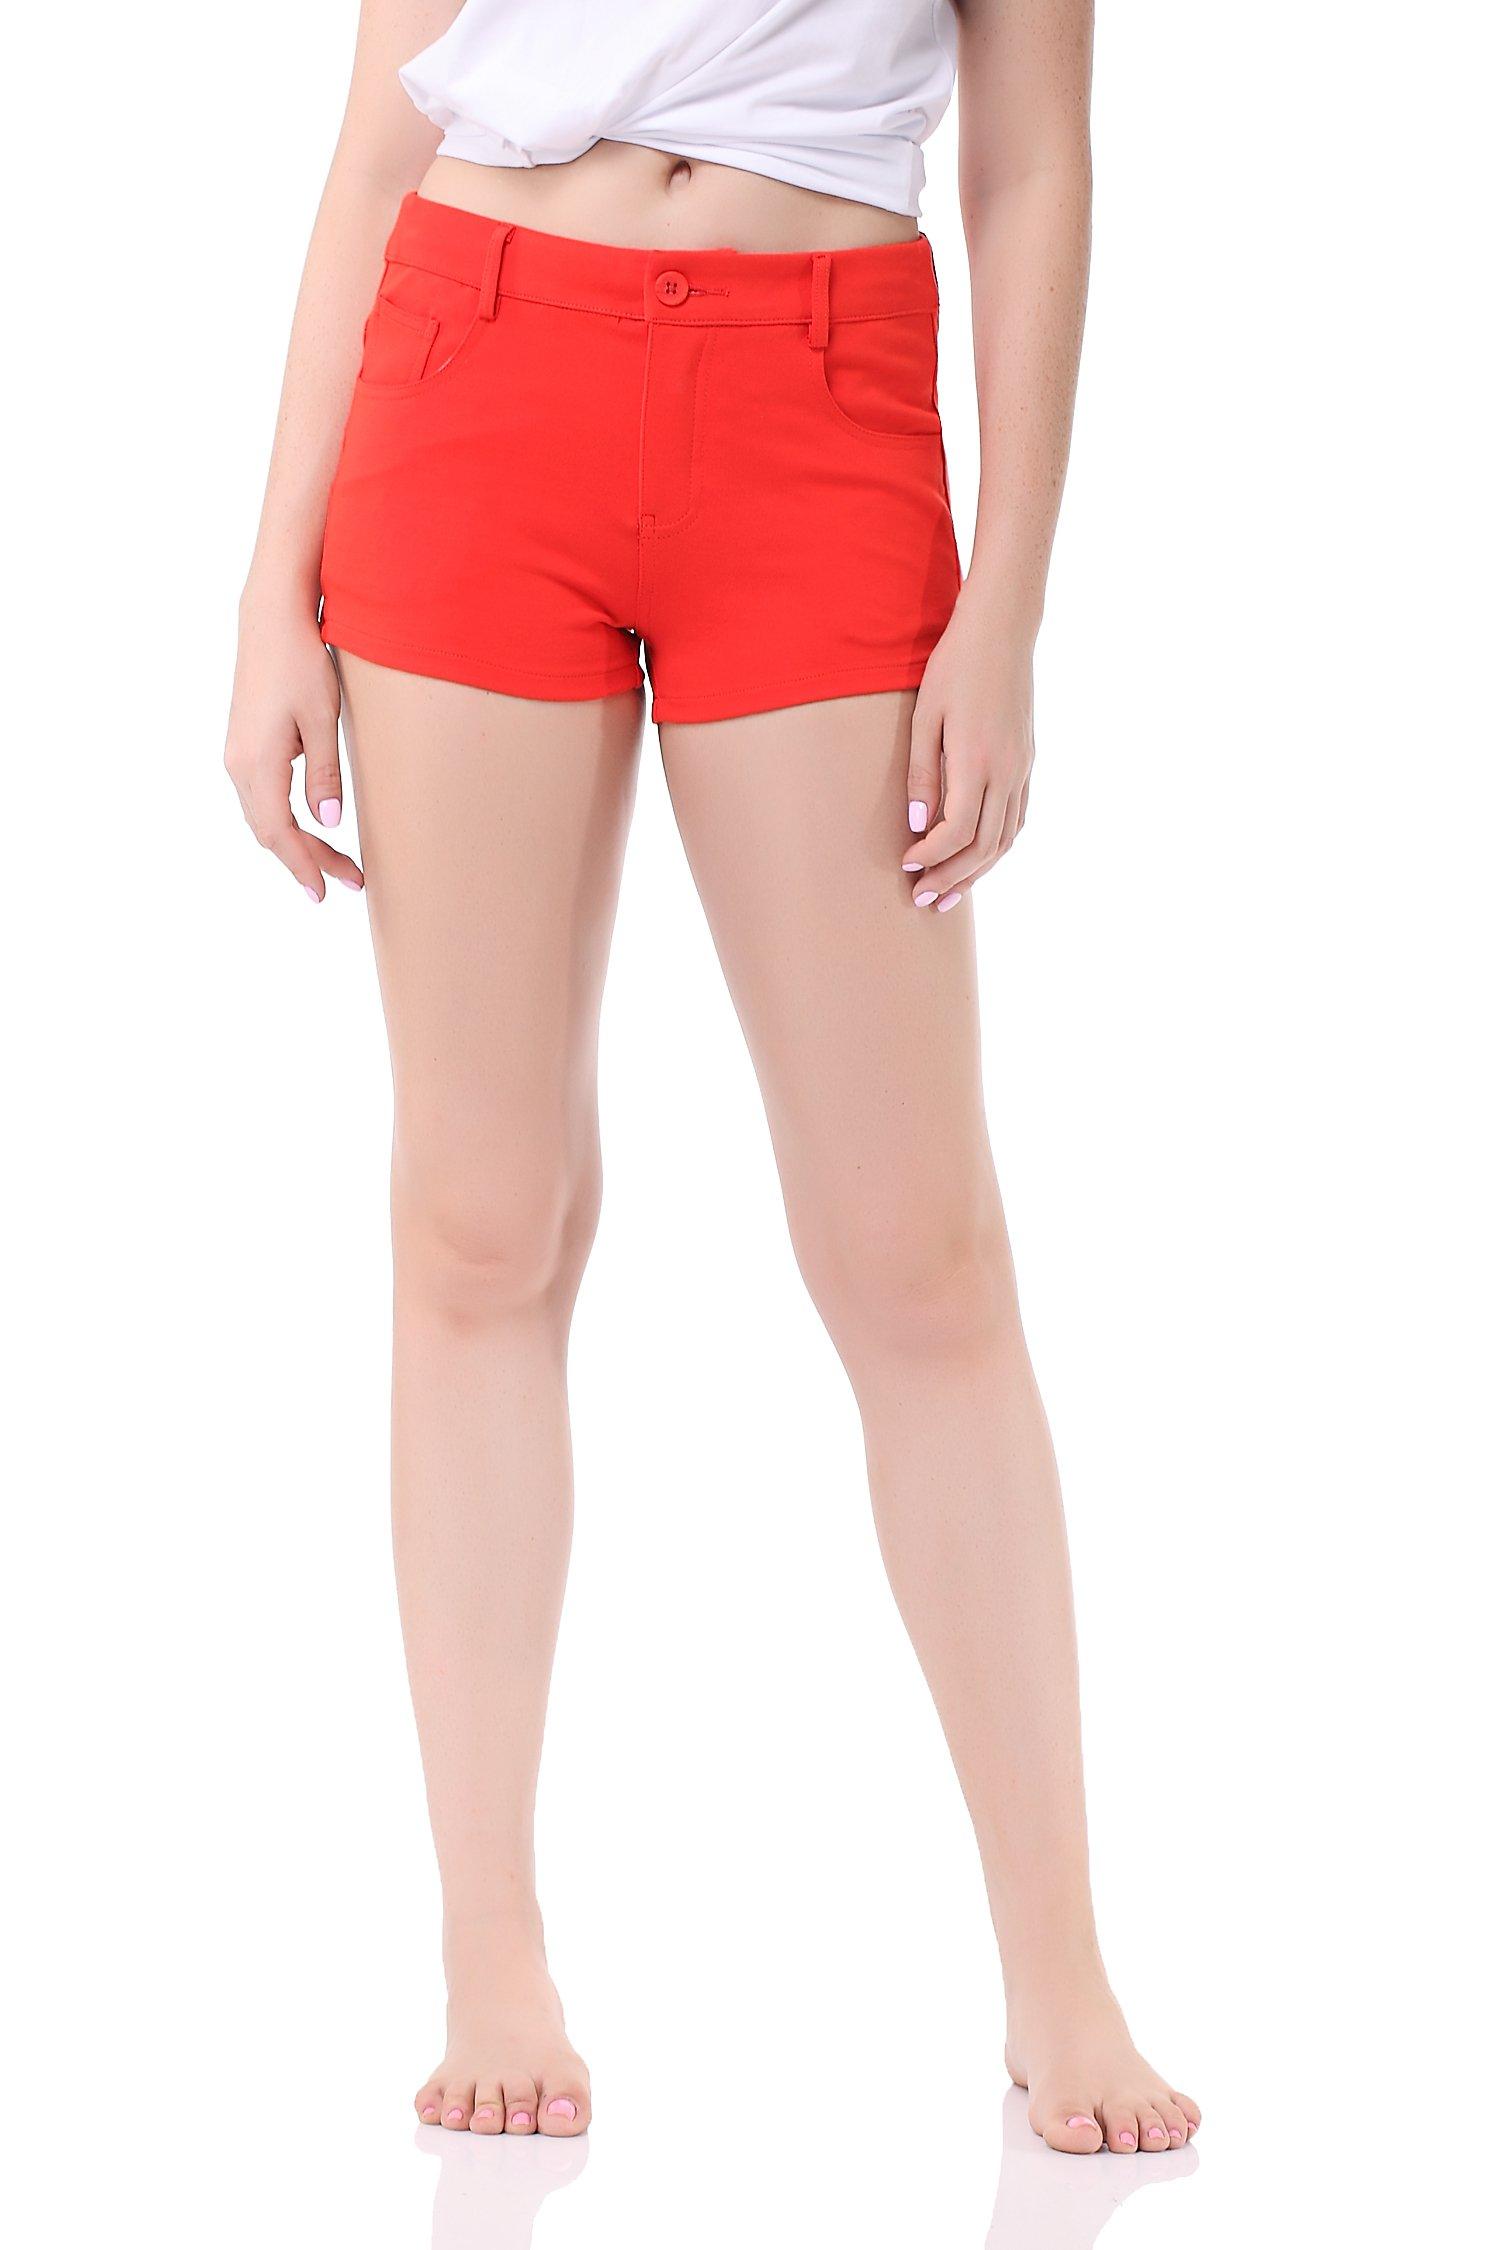 Pau1Hami1ton GP-02 Women's Bermuda Summer Shorts for Women(L,Orange)